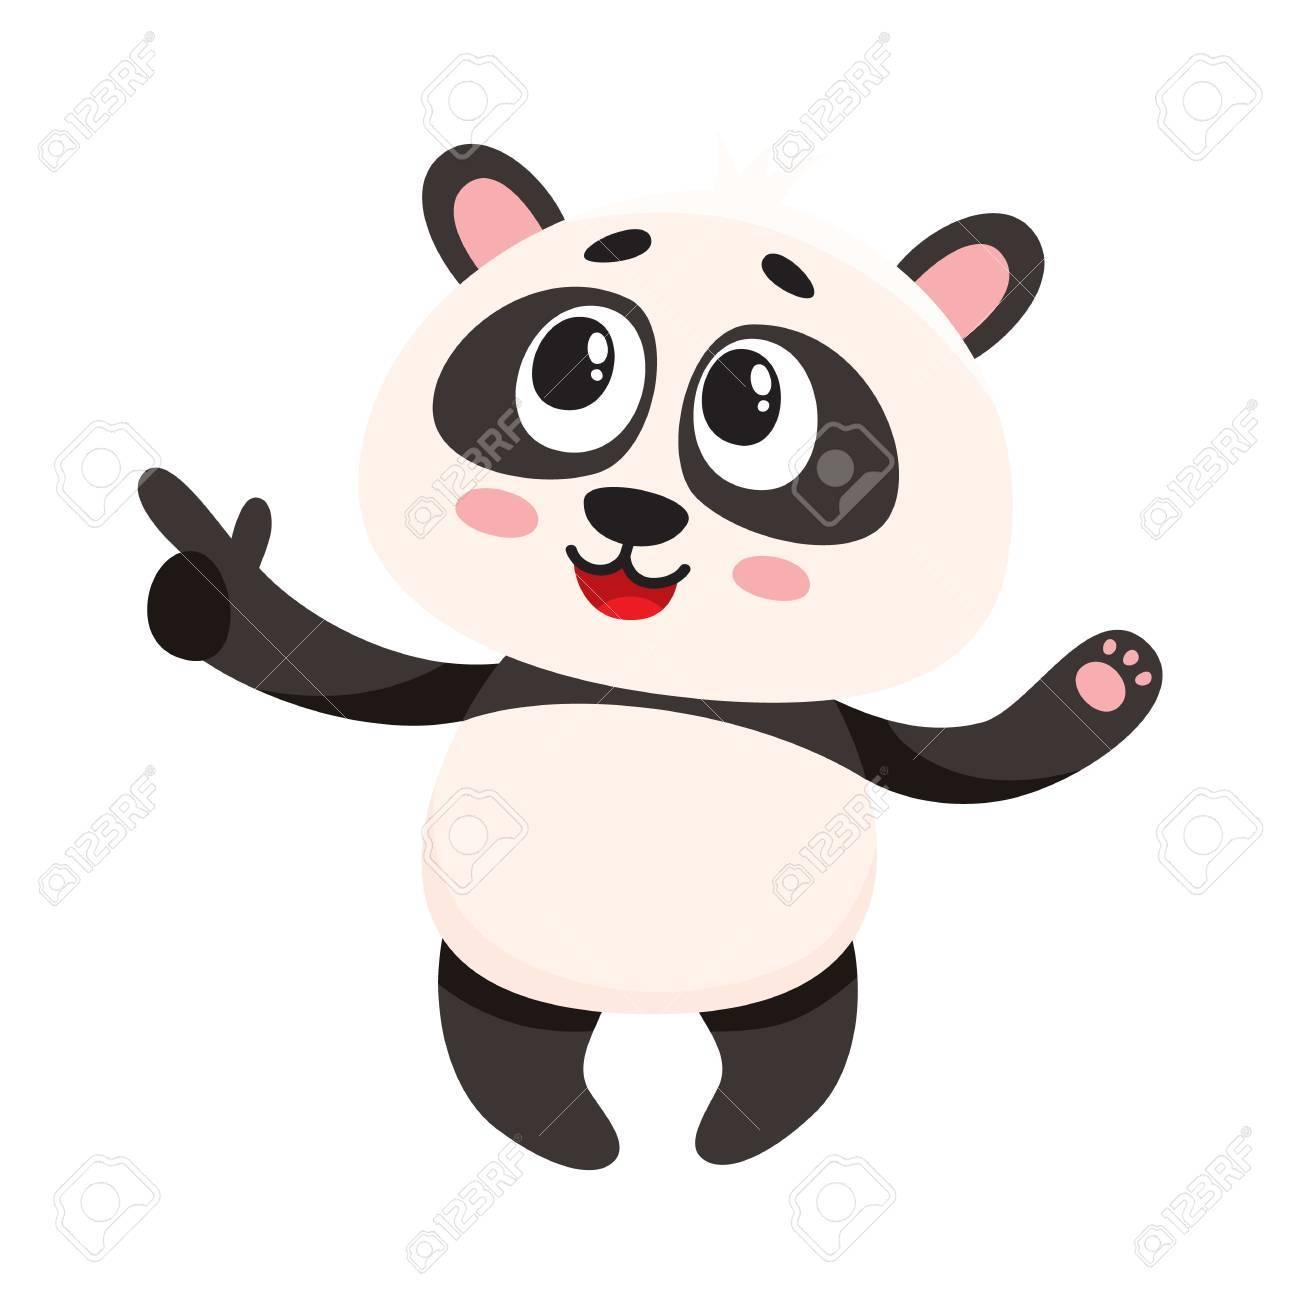 Drole Souriant Bebe Panda Caractere Pointant Vers Quelque Chose Avec